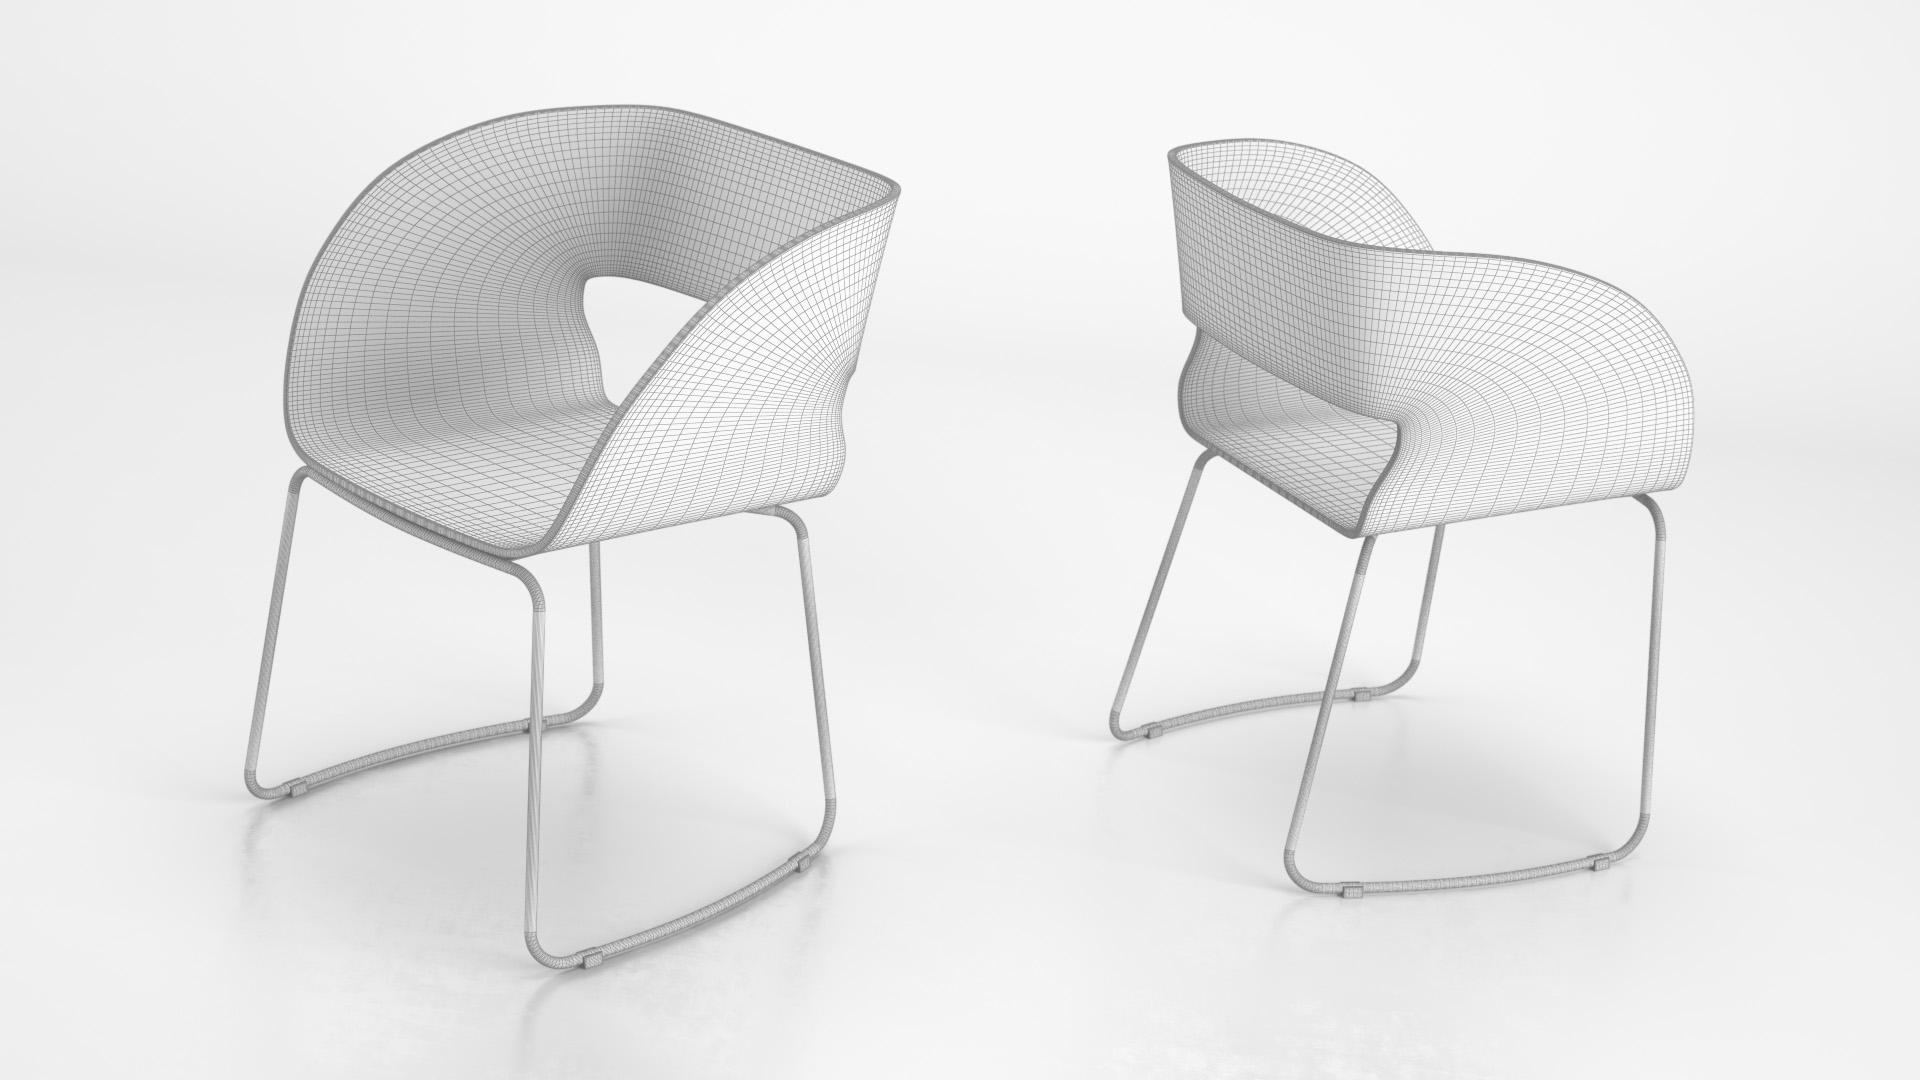 Vintage_Chair_SledLegs_WhiteSet_01_wire_0003